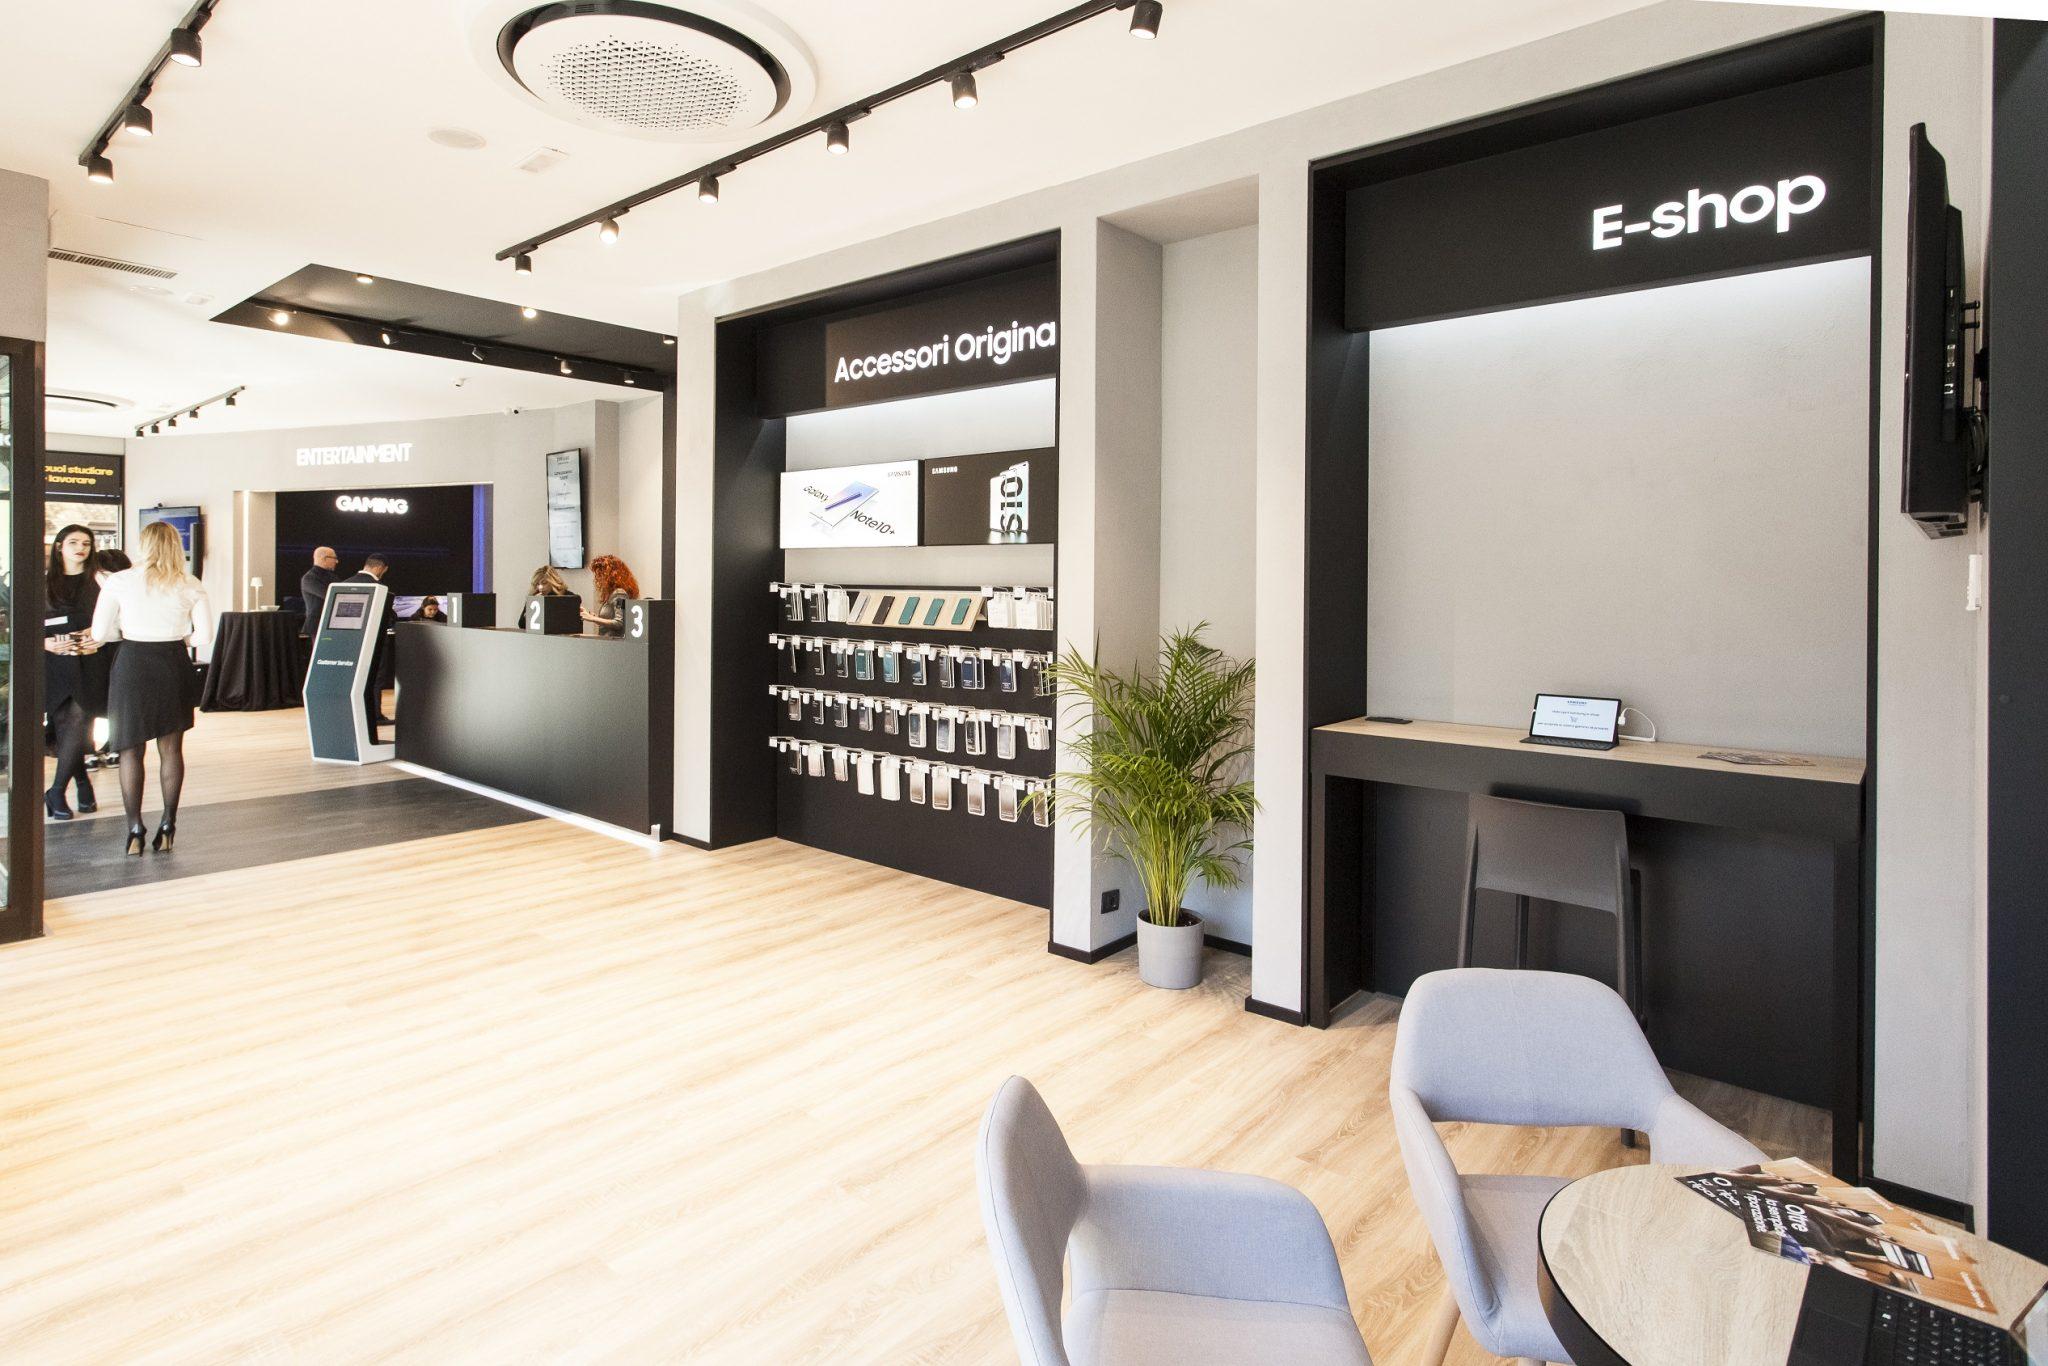 Samsung Customer Service: apre a Brescia la nuova sede thumbnail